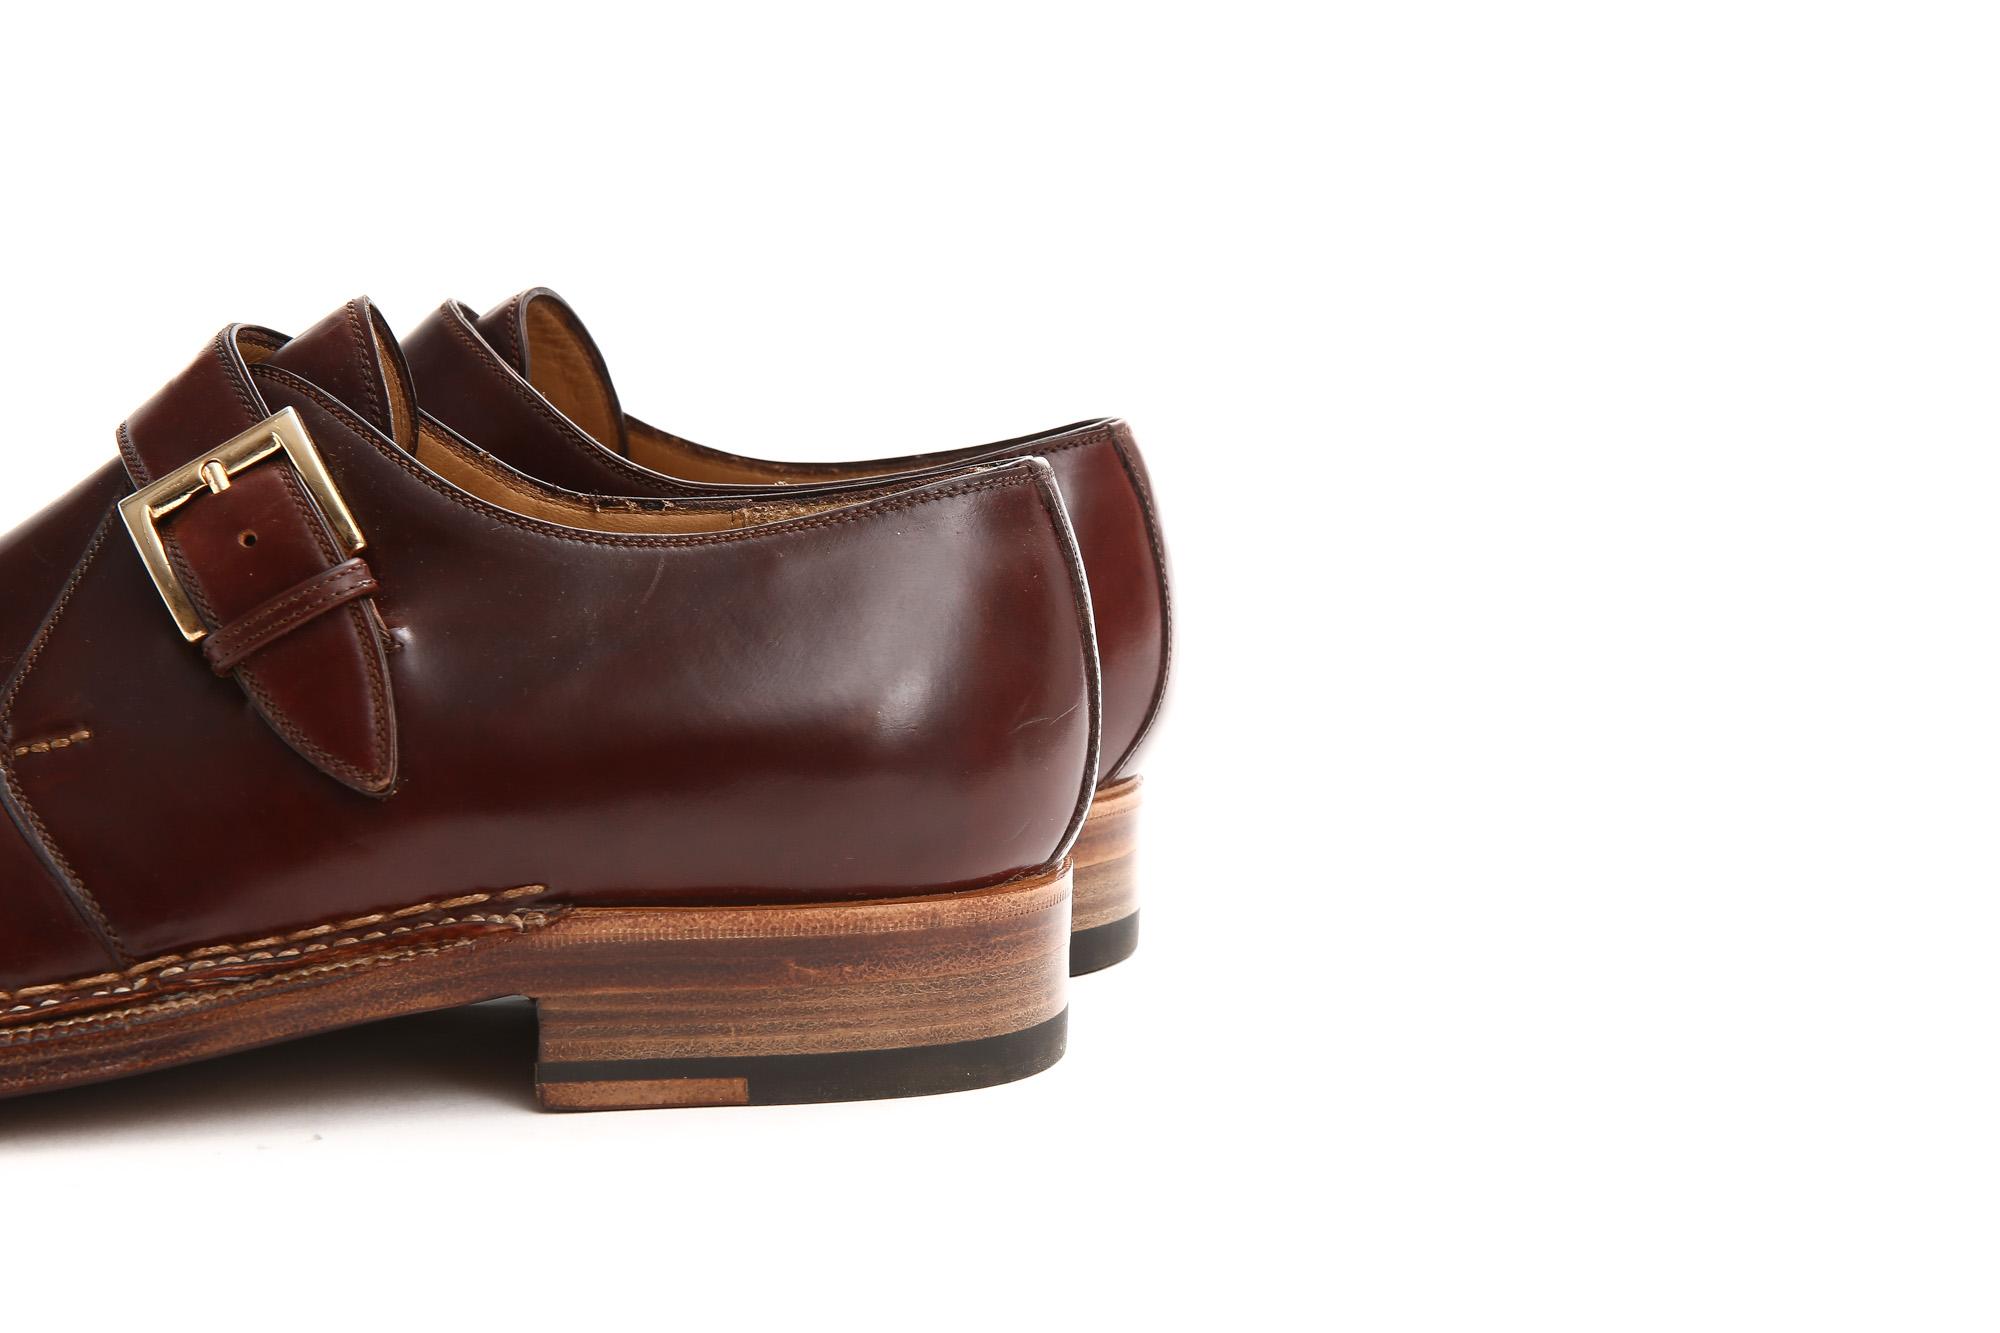 ENZO BONAFE (エンツォボナフェ) 【ART.3721】Single Monk Strap Shoes シングルモンクストラップシューズ CORDOVAN コードバン ノルベジェーゼ製法 ドレスシューズ No.4(#4) made in italy (イタリア製) 2018 春夏新作 愛知 名古屋 Alto e Diritto アルト エ デリット enzobonafe コードバン no4 ナンバーフォー